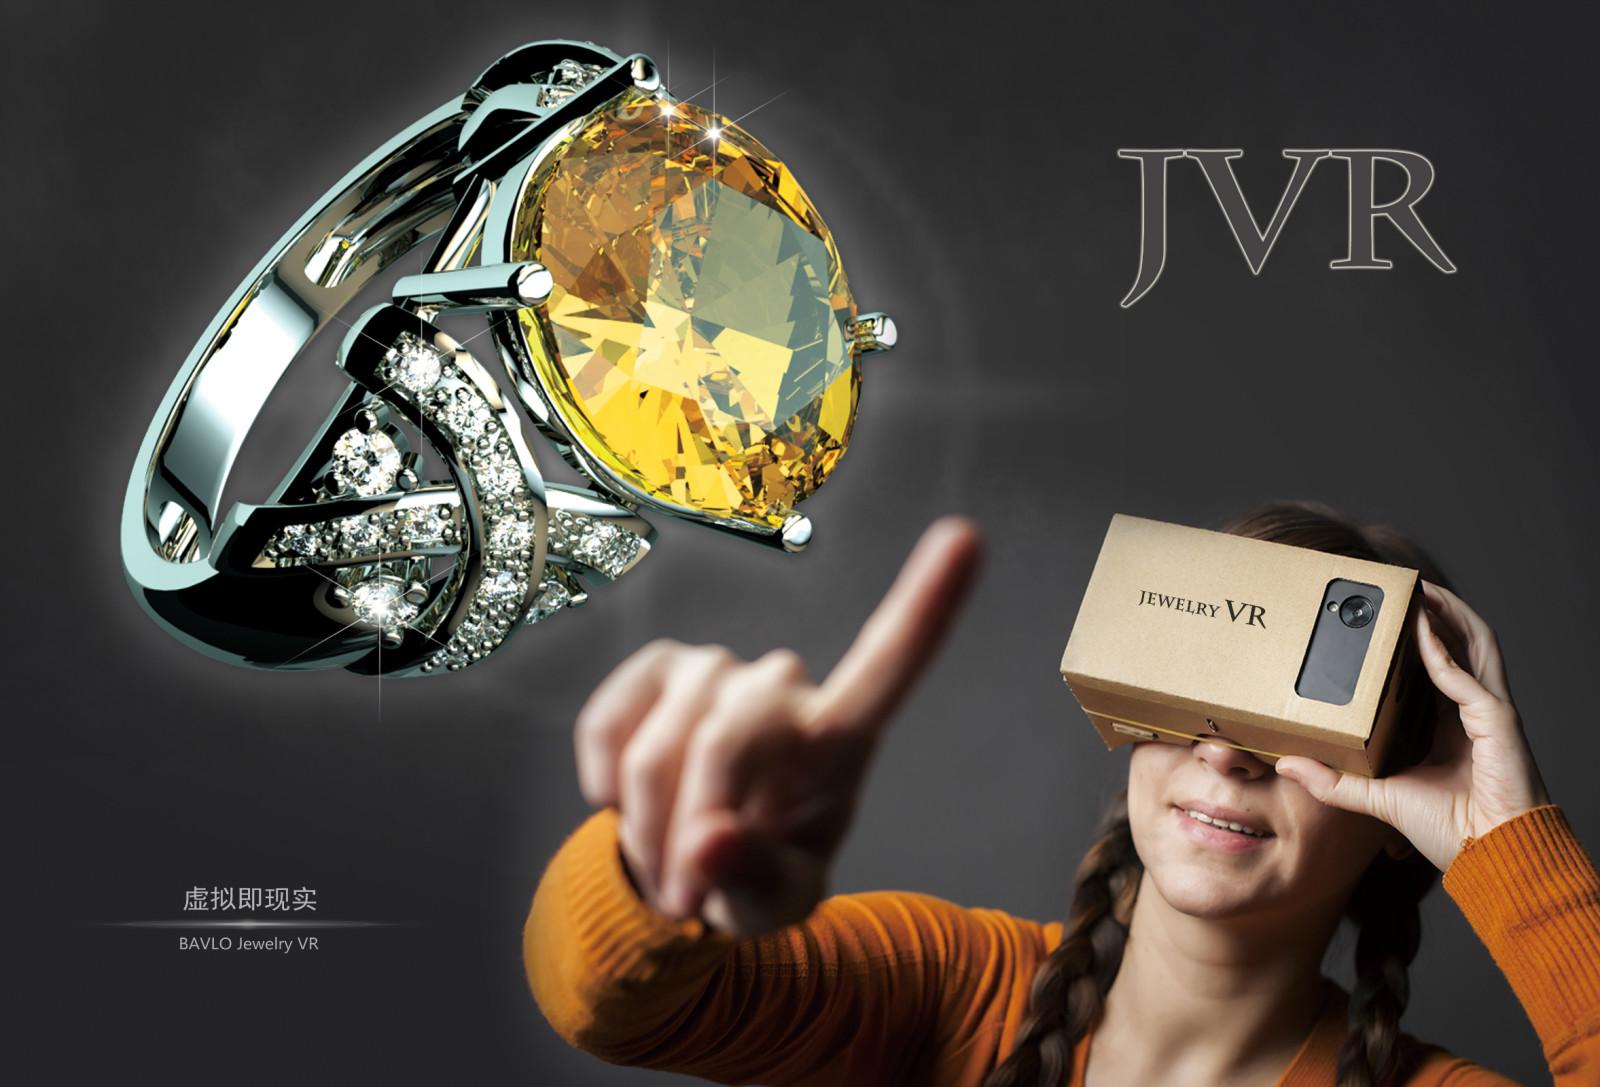 寶瓏 虛擬現實 JVR 珠寶定制